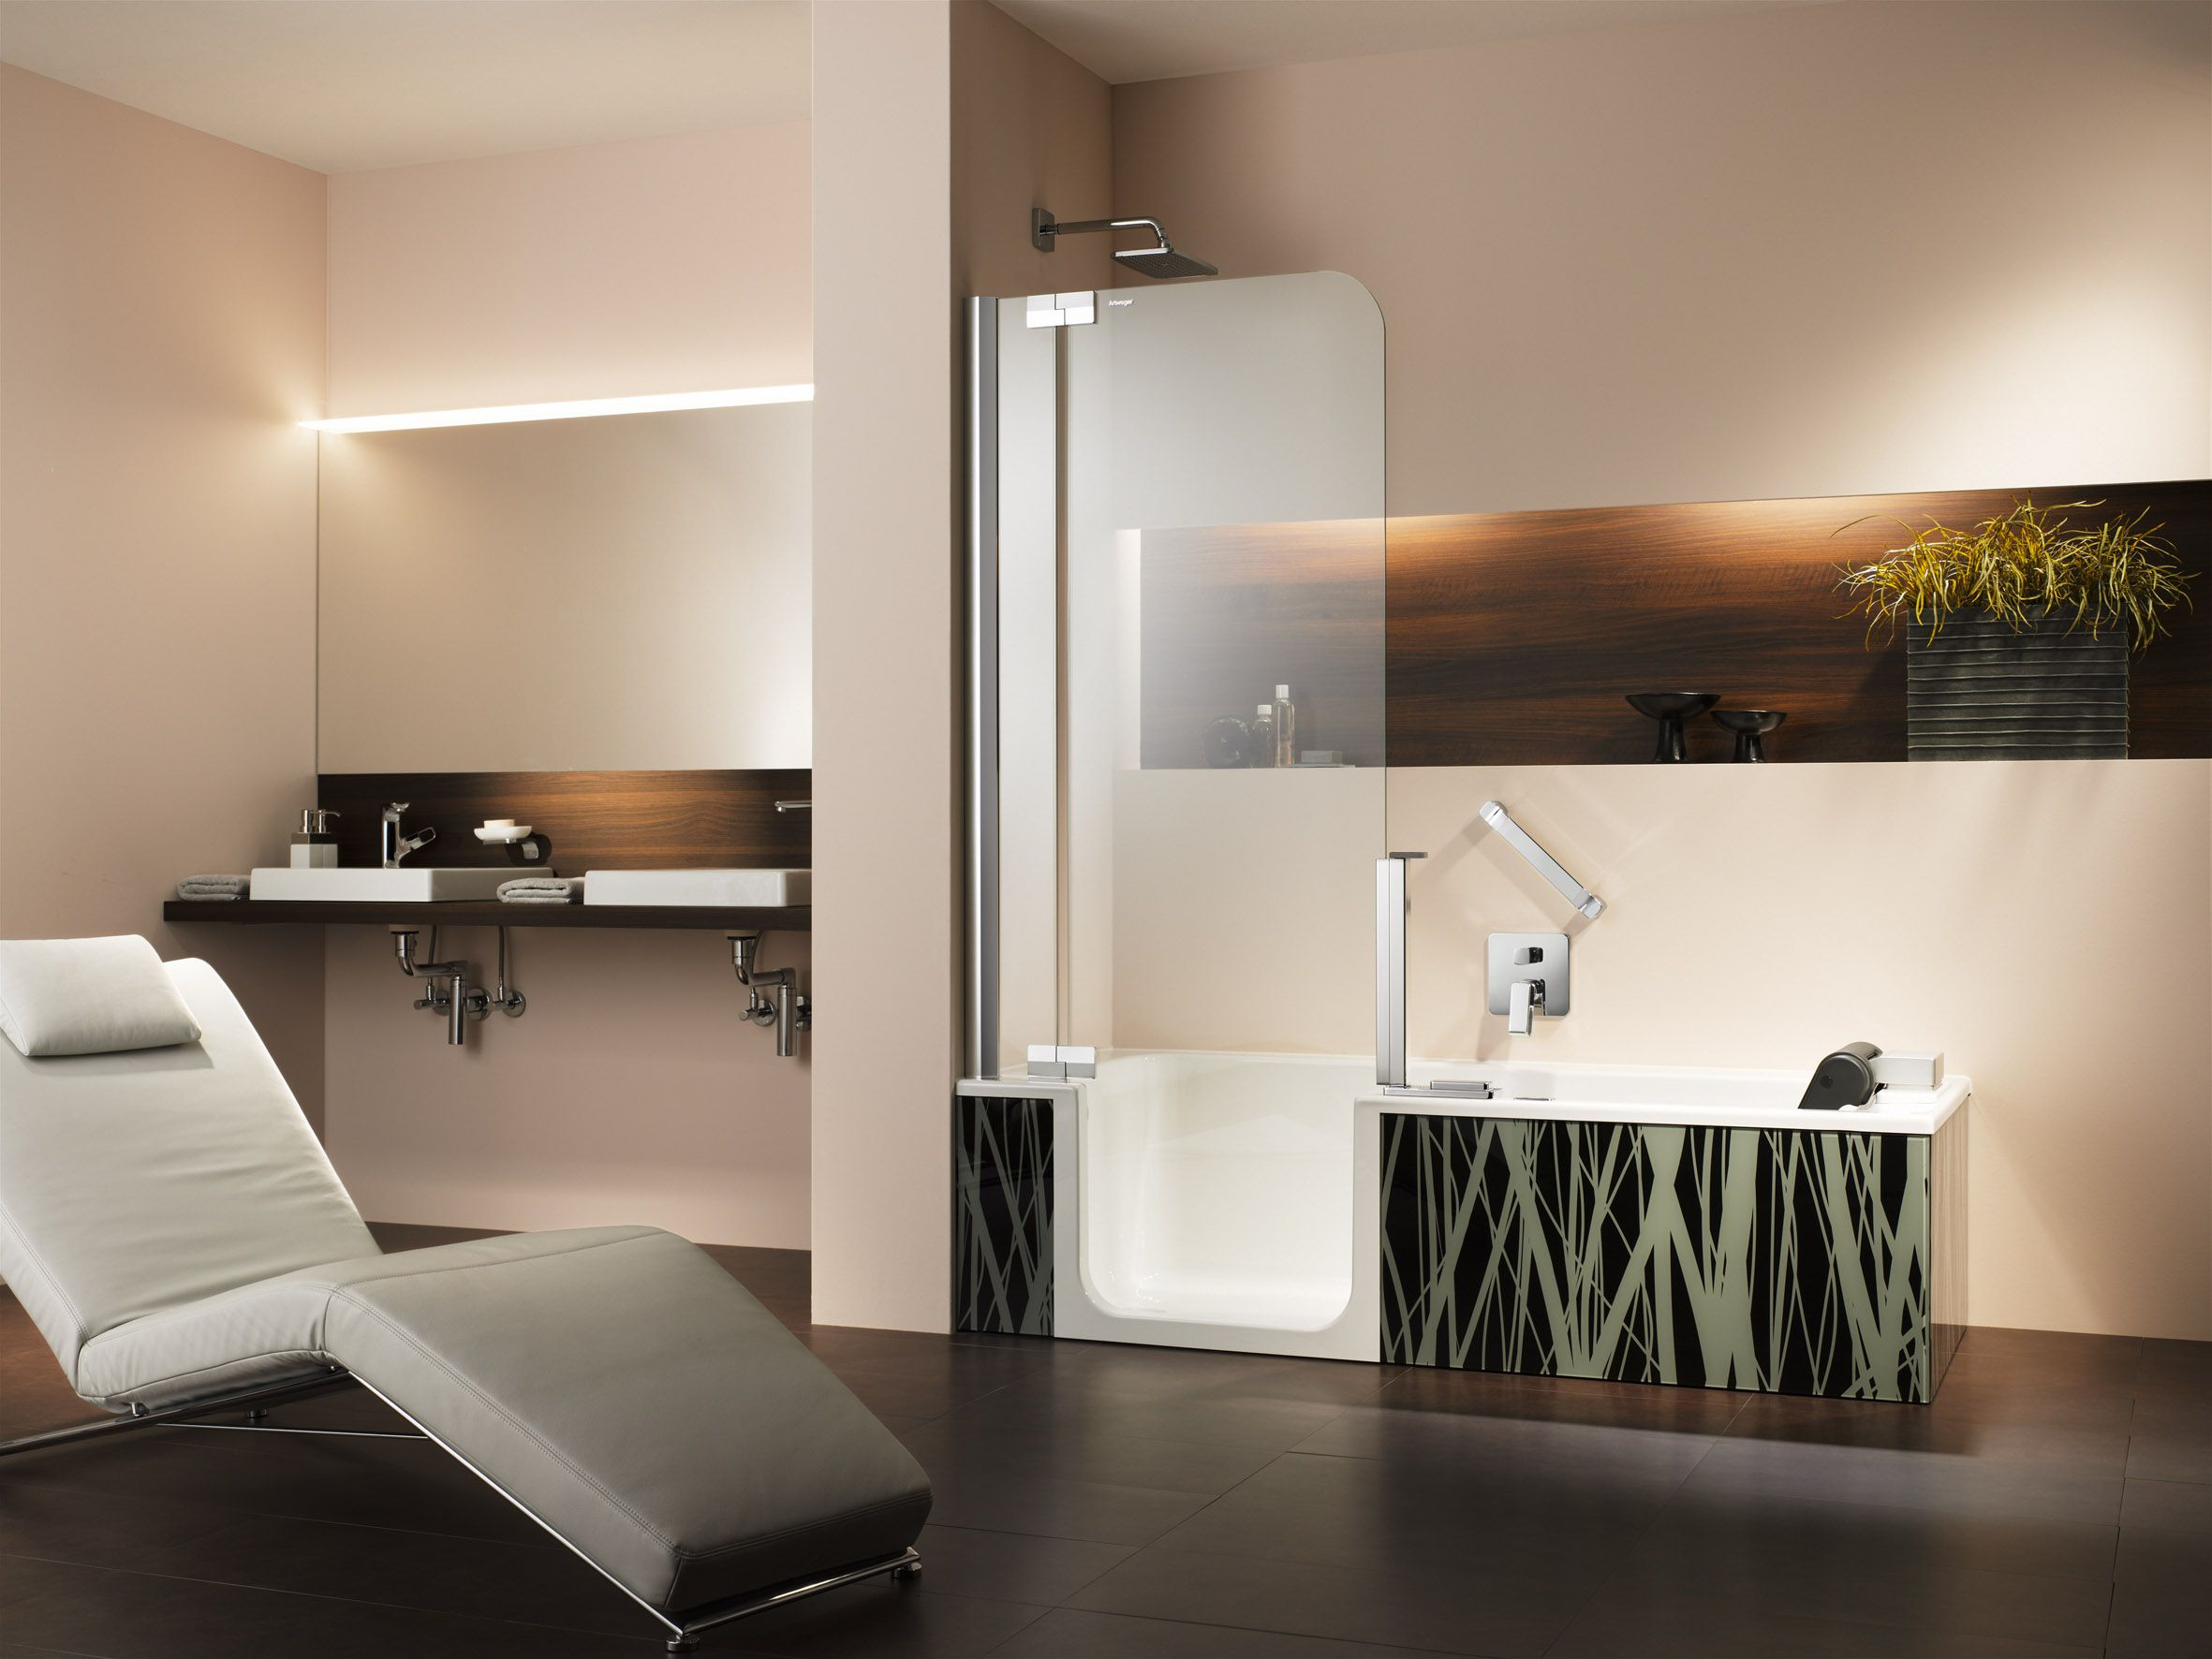 Badezimmer designs klein zuhause schöner leben mit komfort das moderne bad soll nicht nur